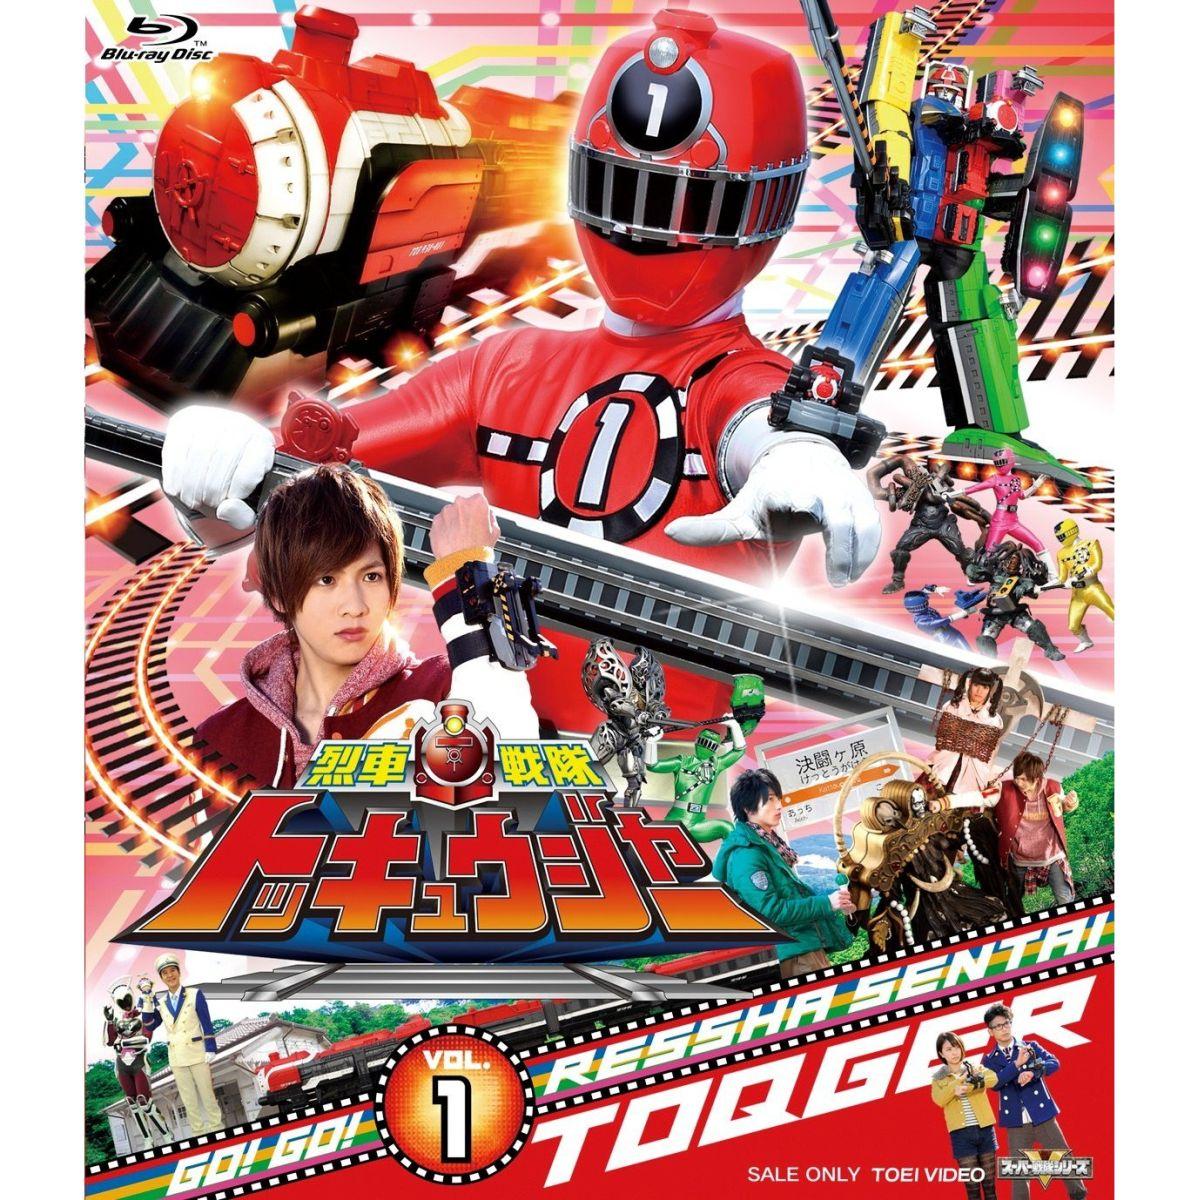 スーパー戦隊シリーズ 烈車戦隊トッキュウジャー VOL.1[BSTD-08941][Blu-ray/ブルーレイ]